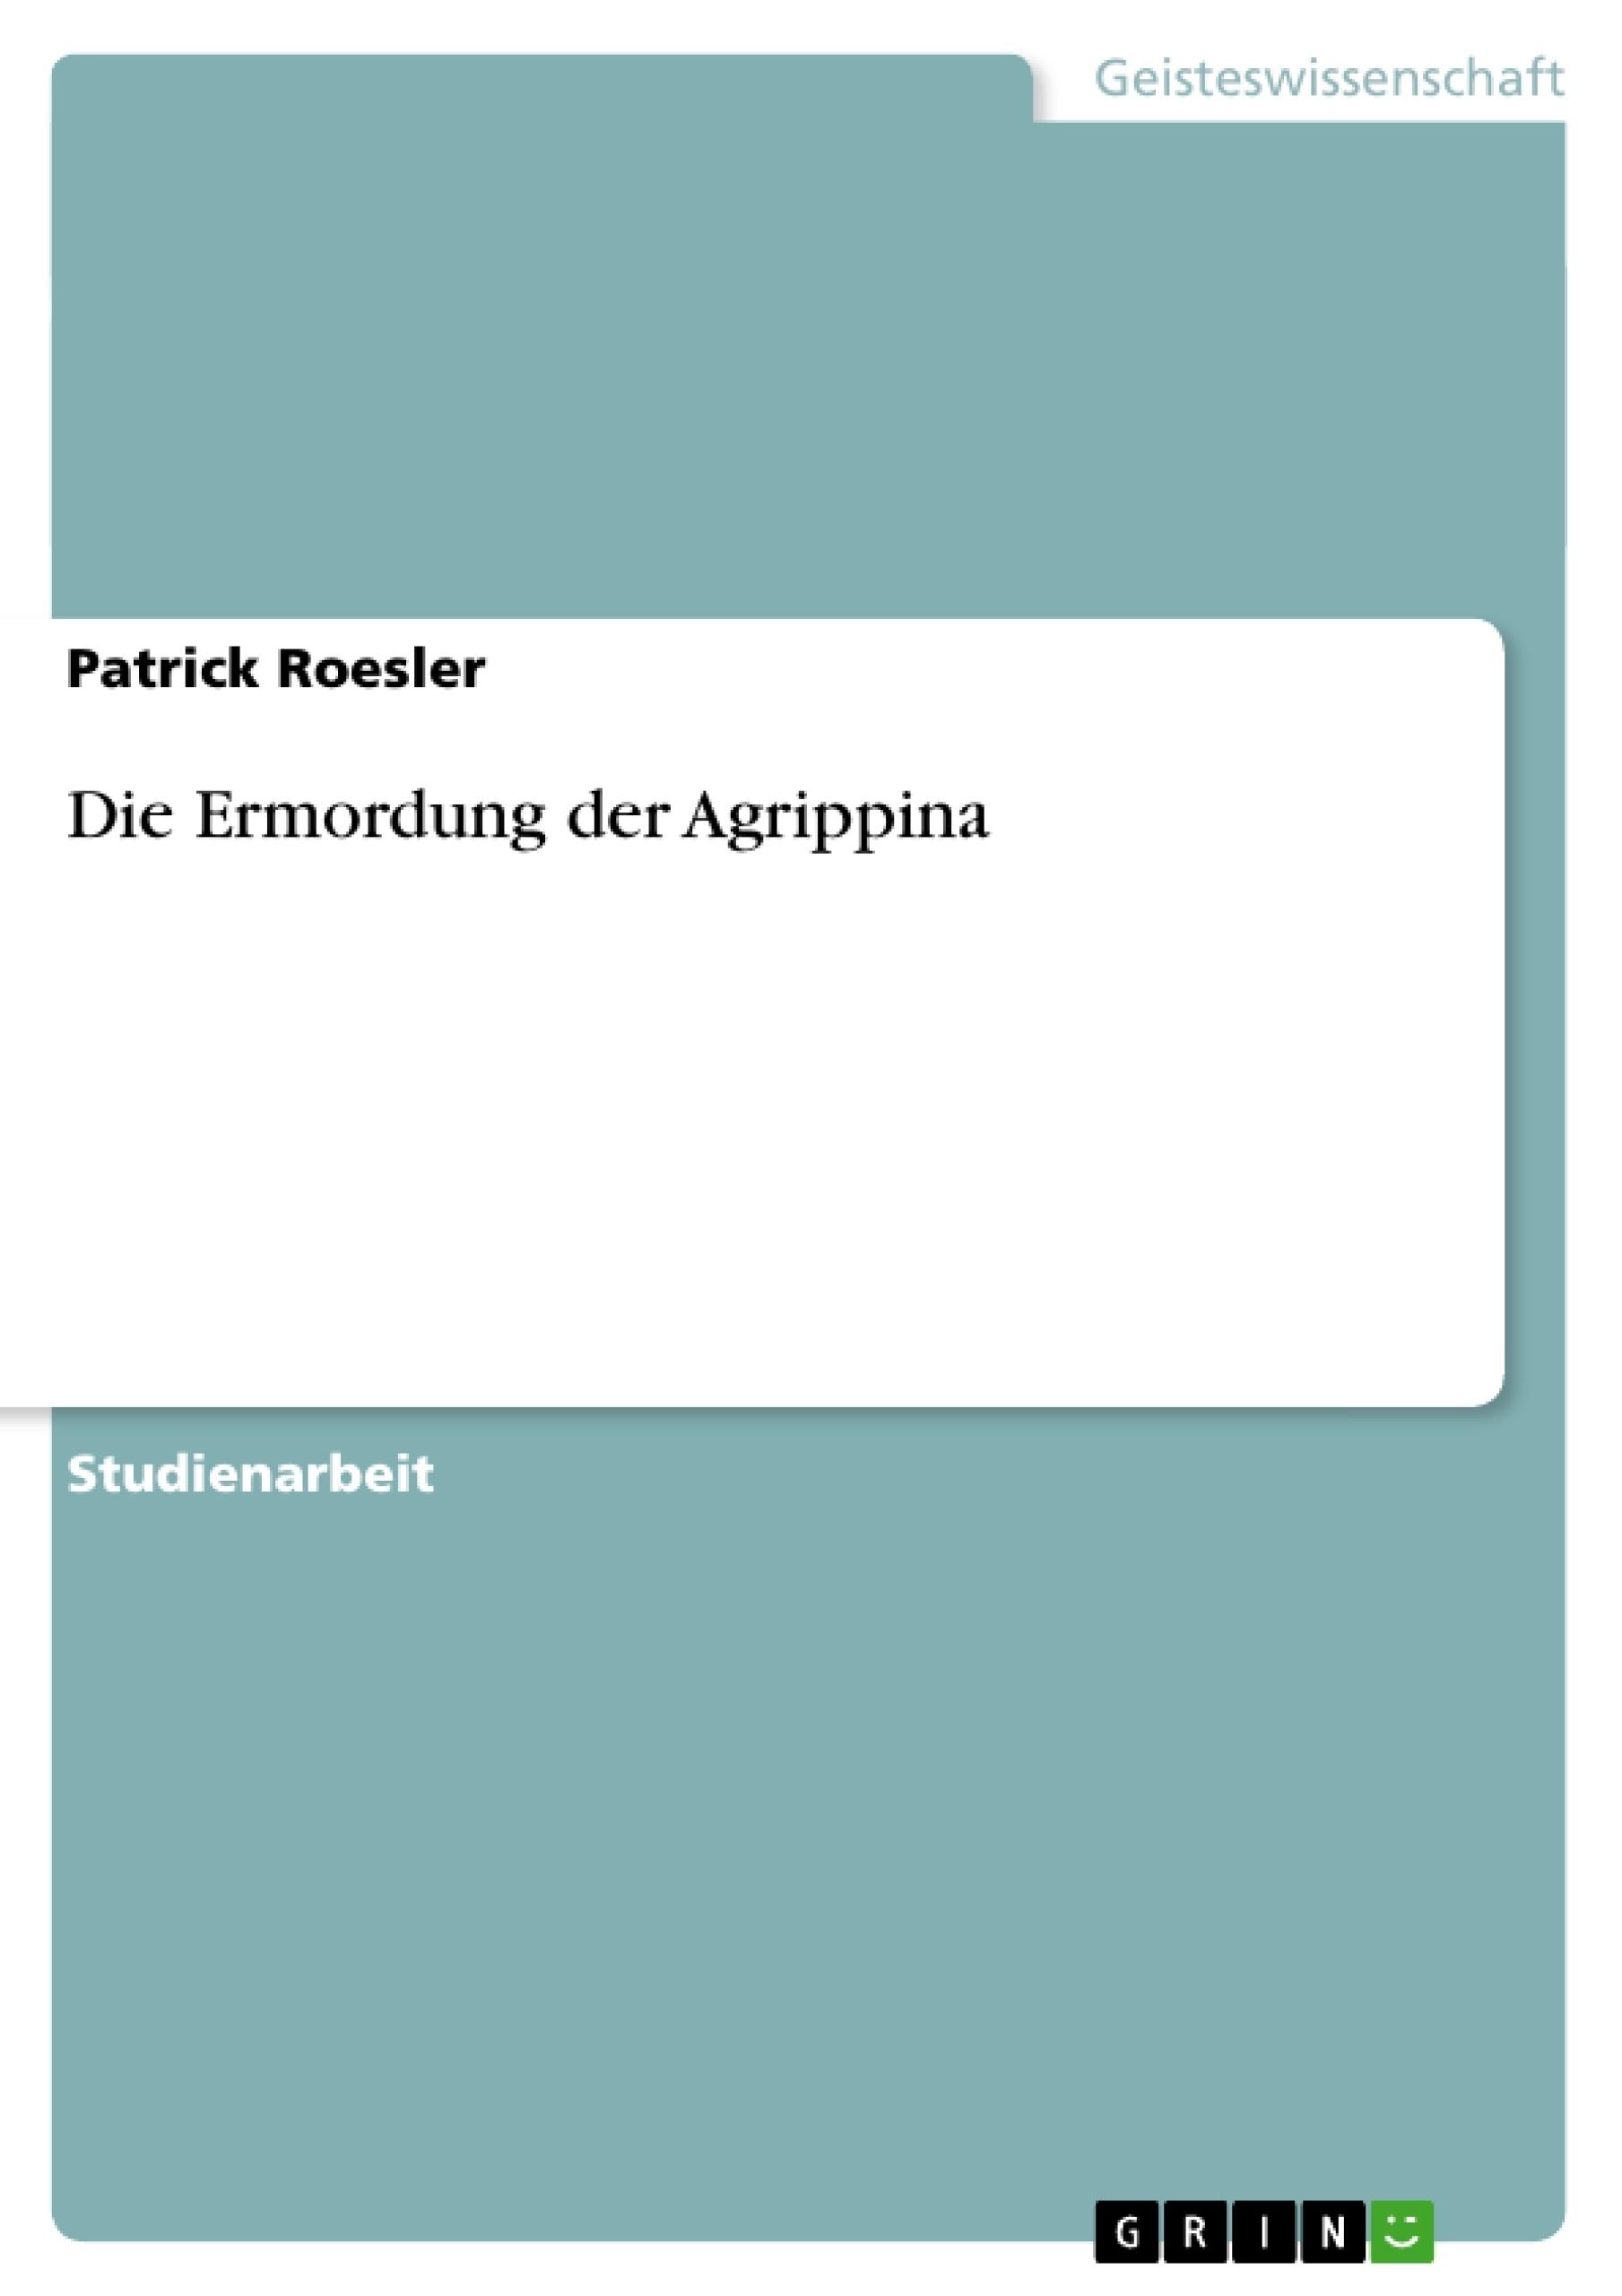 Titel: Die Ermordung der Agrippina